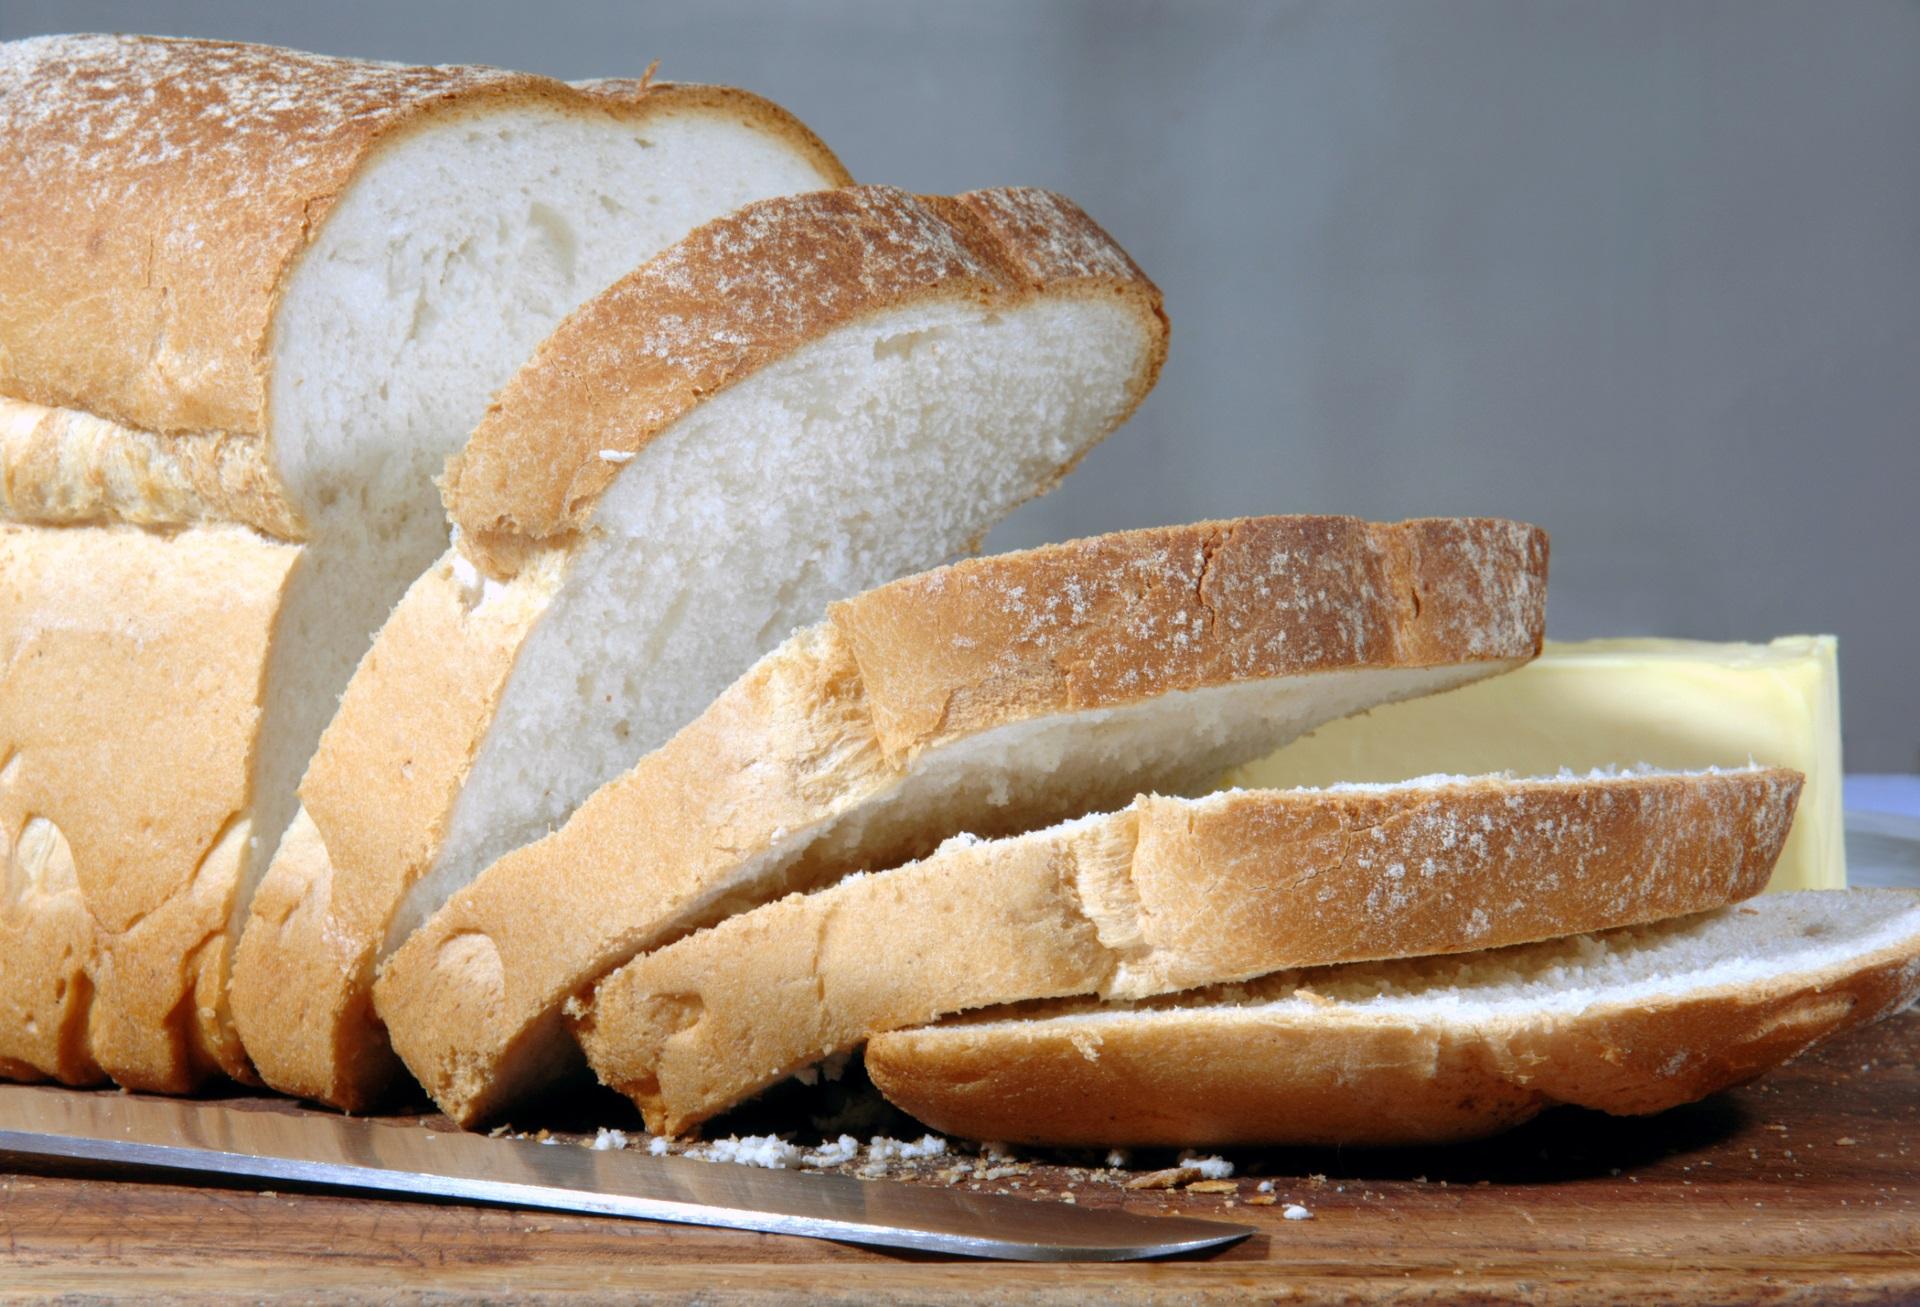 <p><strong>Бял хляб</strong></p>  <p>Сега преминаваме към съветите за жените, които искат да отслабнат и белия хляб е на първо място в храните, които трябва да се избягват. Може би си мислите, че филия бял хляб е по-безобидна от поничка например, но те и двете са рафинирани въглехидрати, а тялото преработва рафинираните въглехидрати като захар. Тези въглехидрати са лишени от почти всичките им фибри и причиняват покачване на кръвната захар и инсулина.</p>